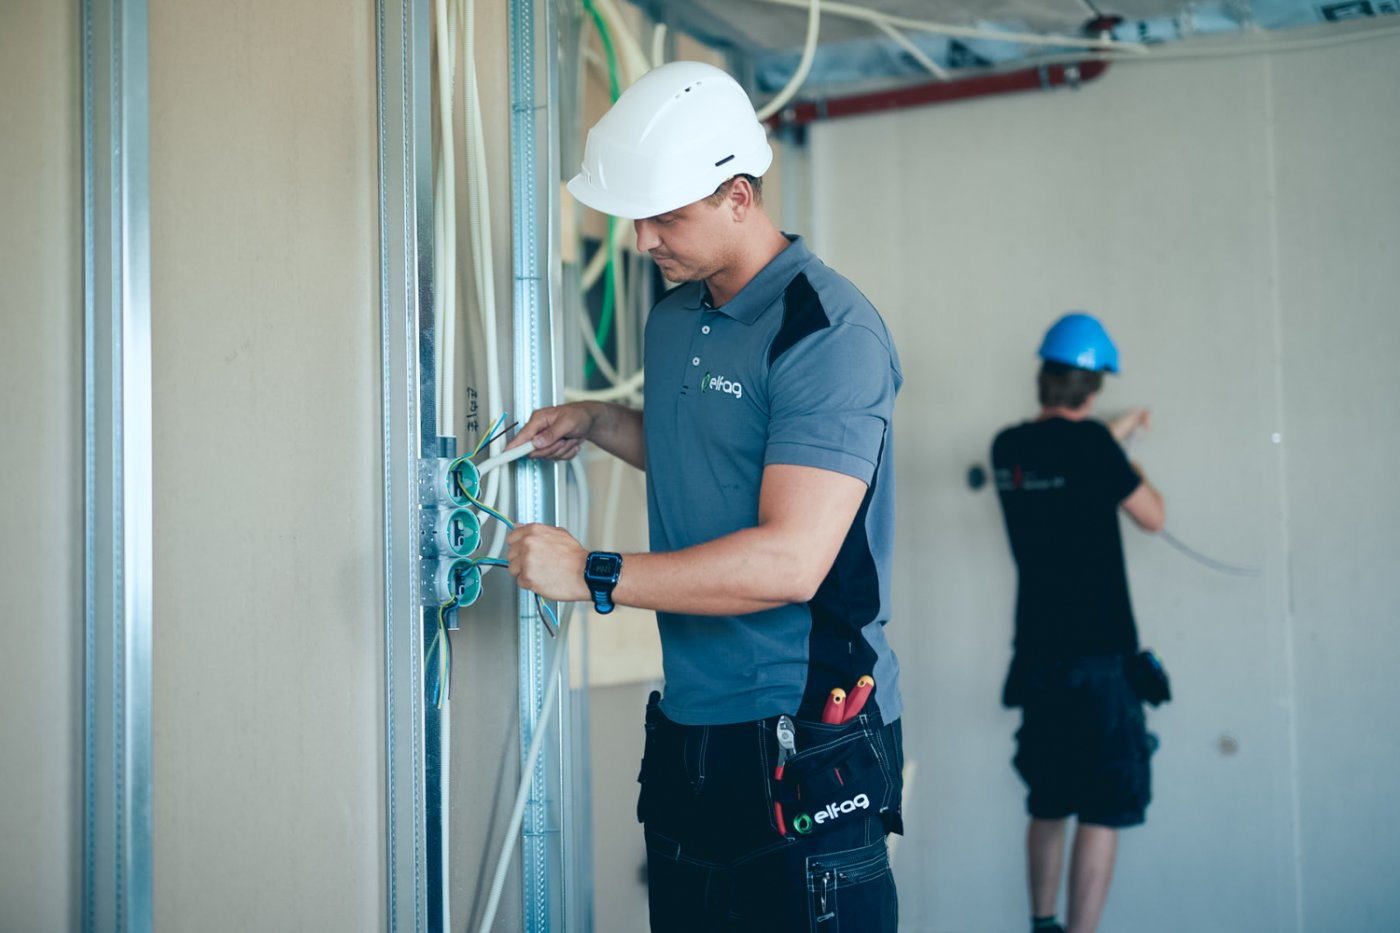 En Elfager er en byggeplass installerer diverse elektriske ledninger i veggen.